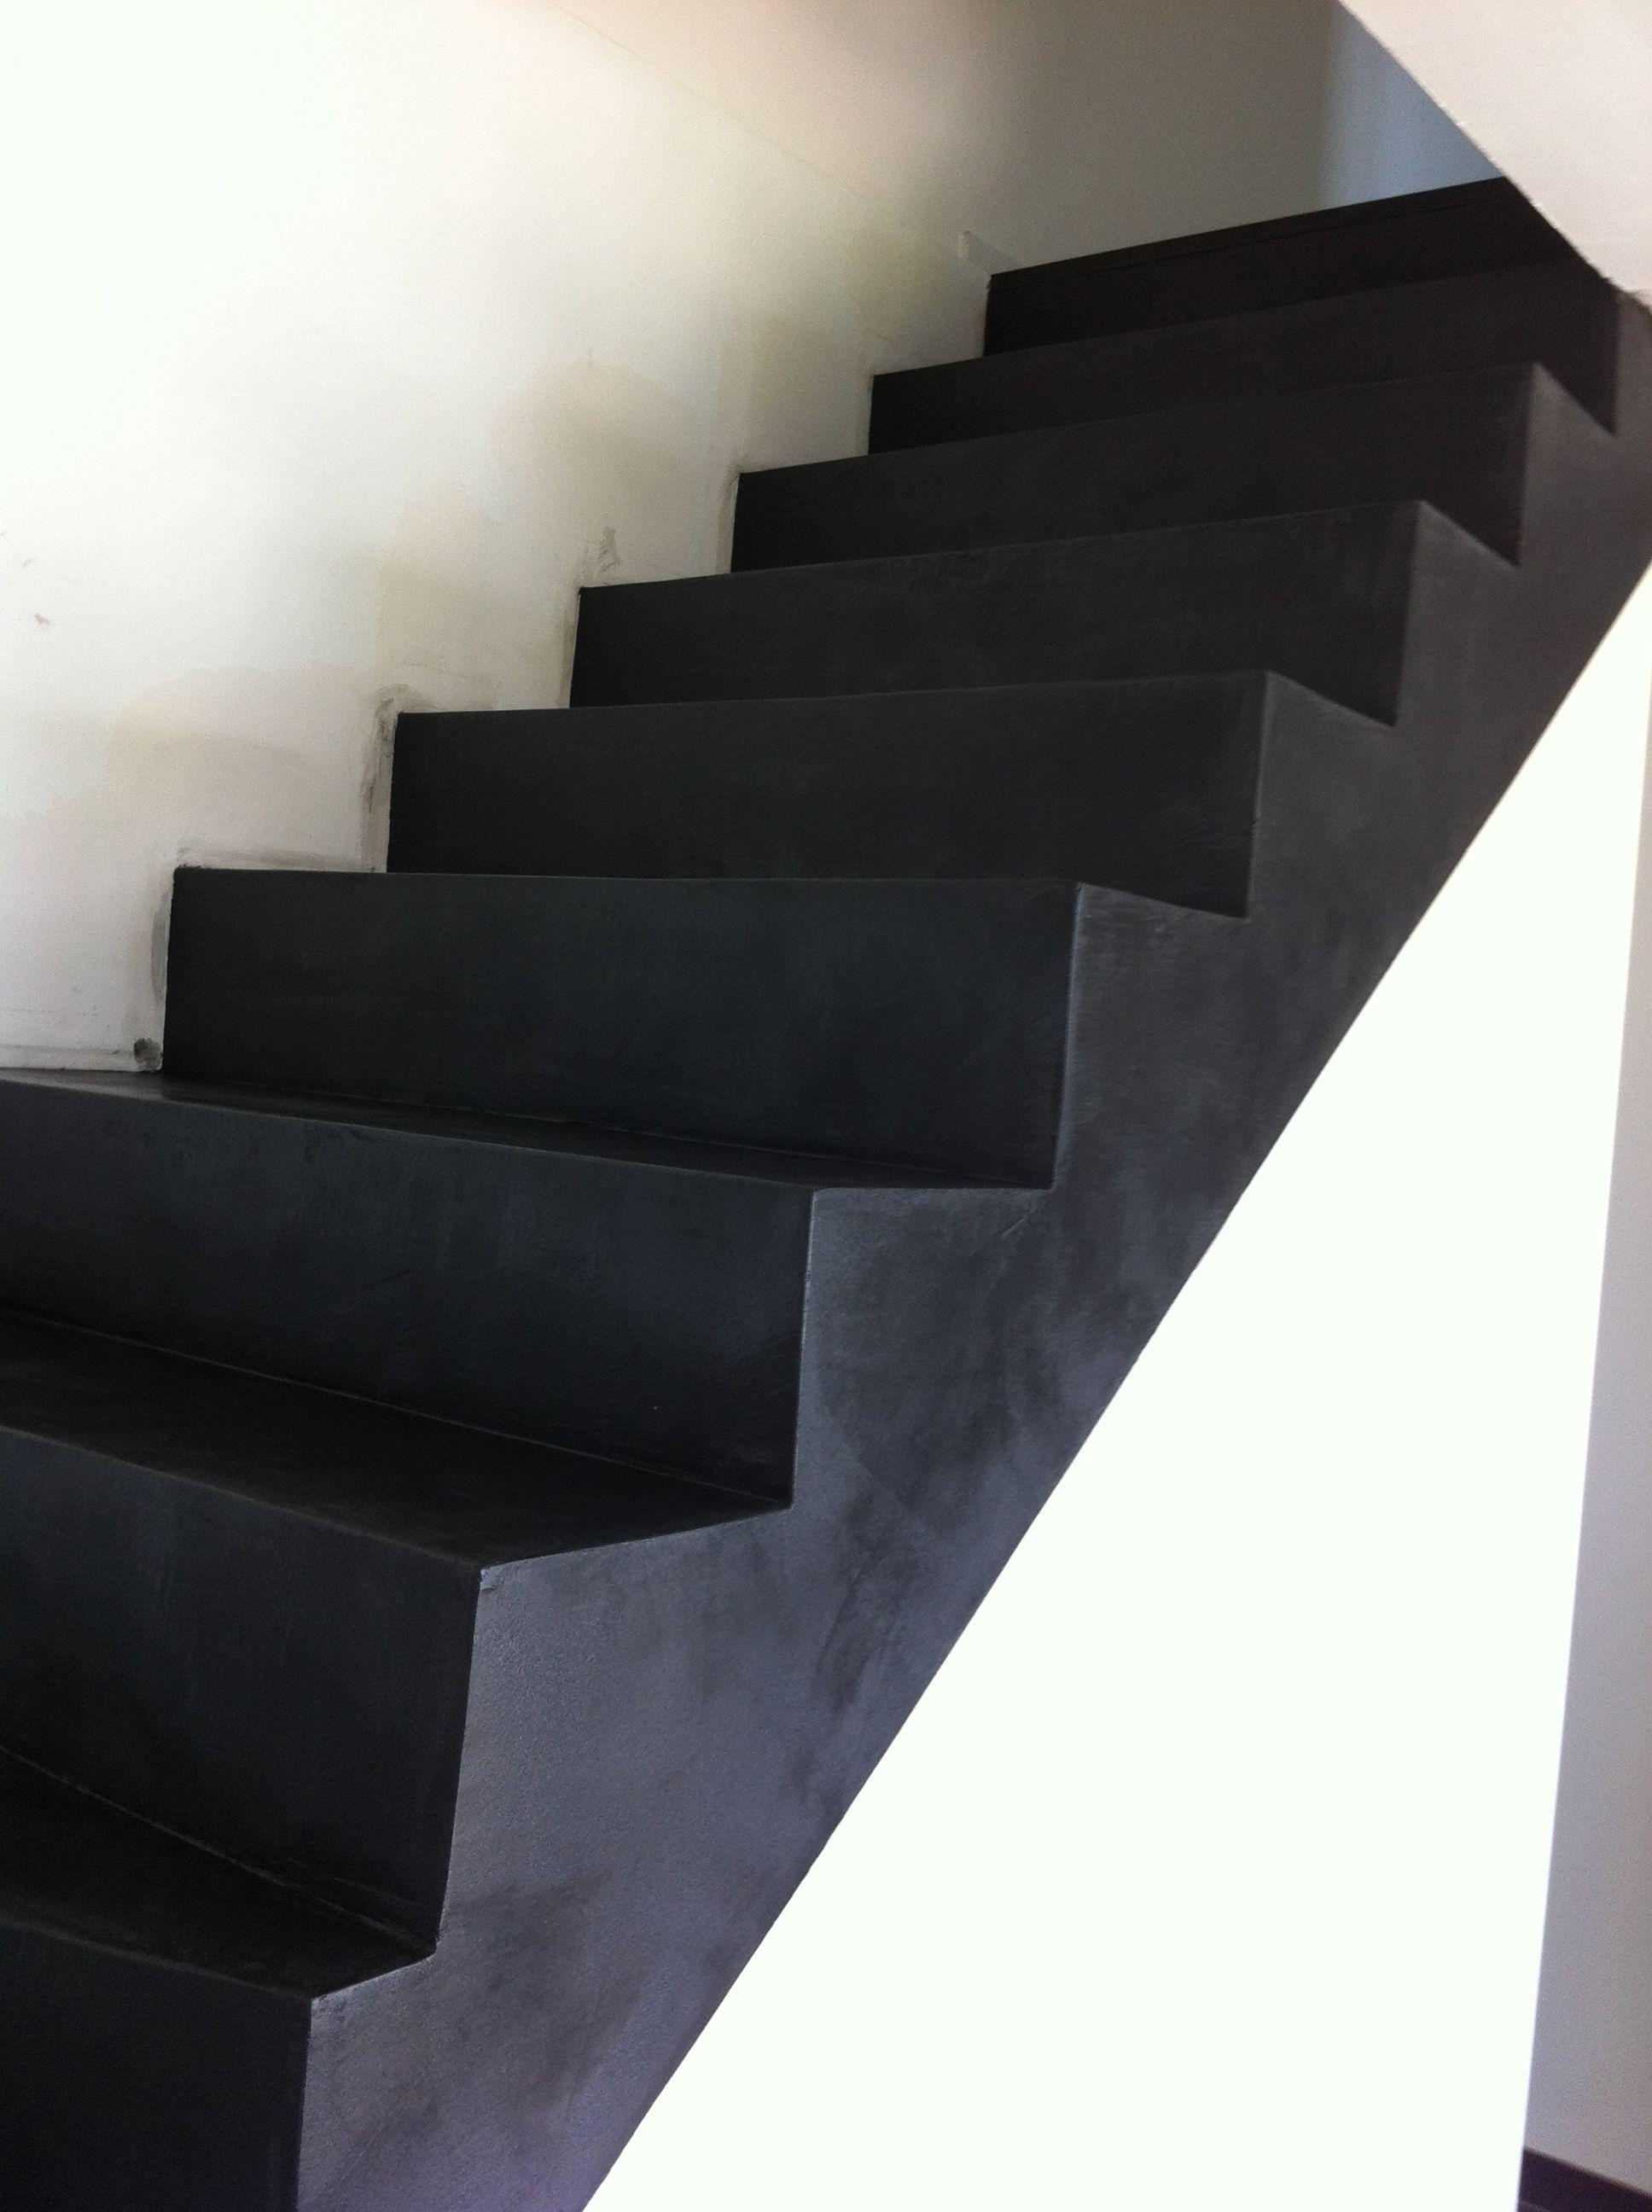 Escalier En Beton Cire Noir Artec Mineraldesign Com Trap Ideeen Staircase Trappen